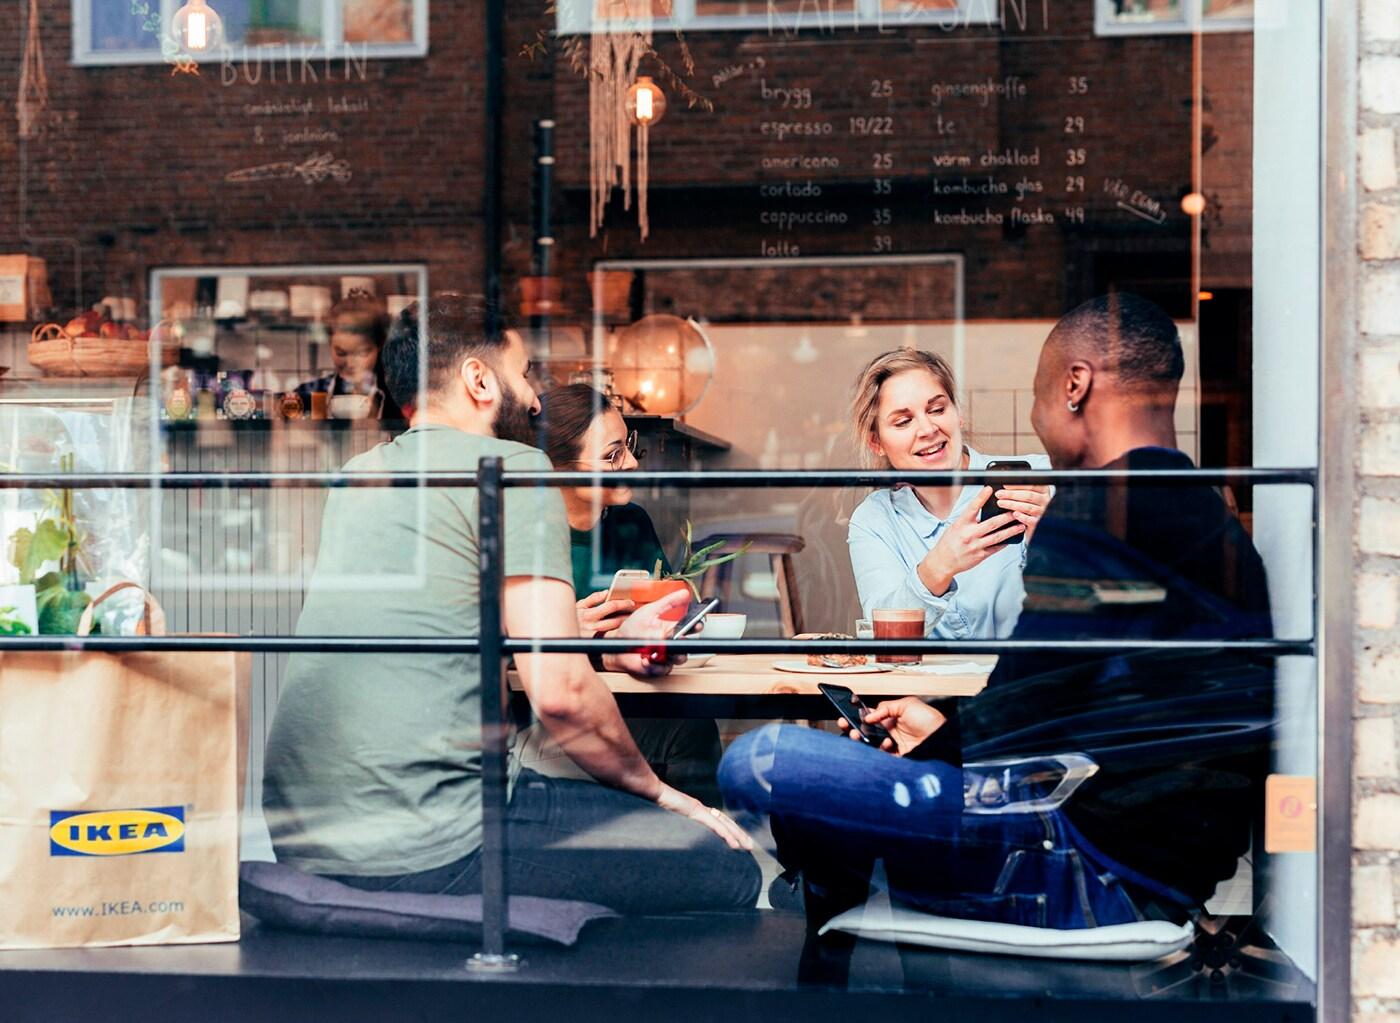 Skupina priateľov sedí na káve v kaviarni s papierovou taškou IKEA vedľa.